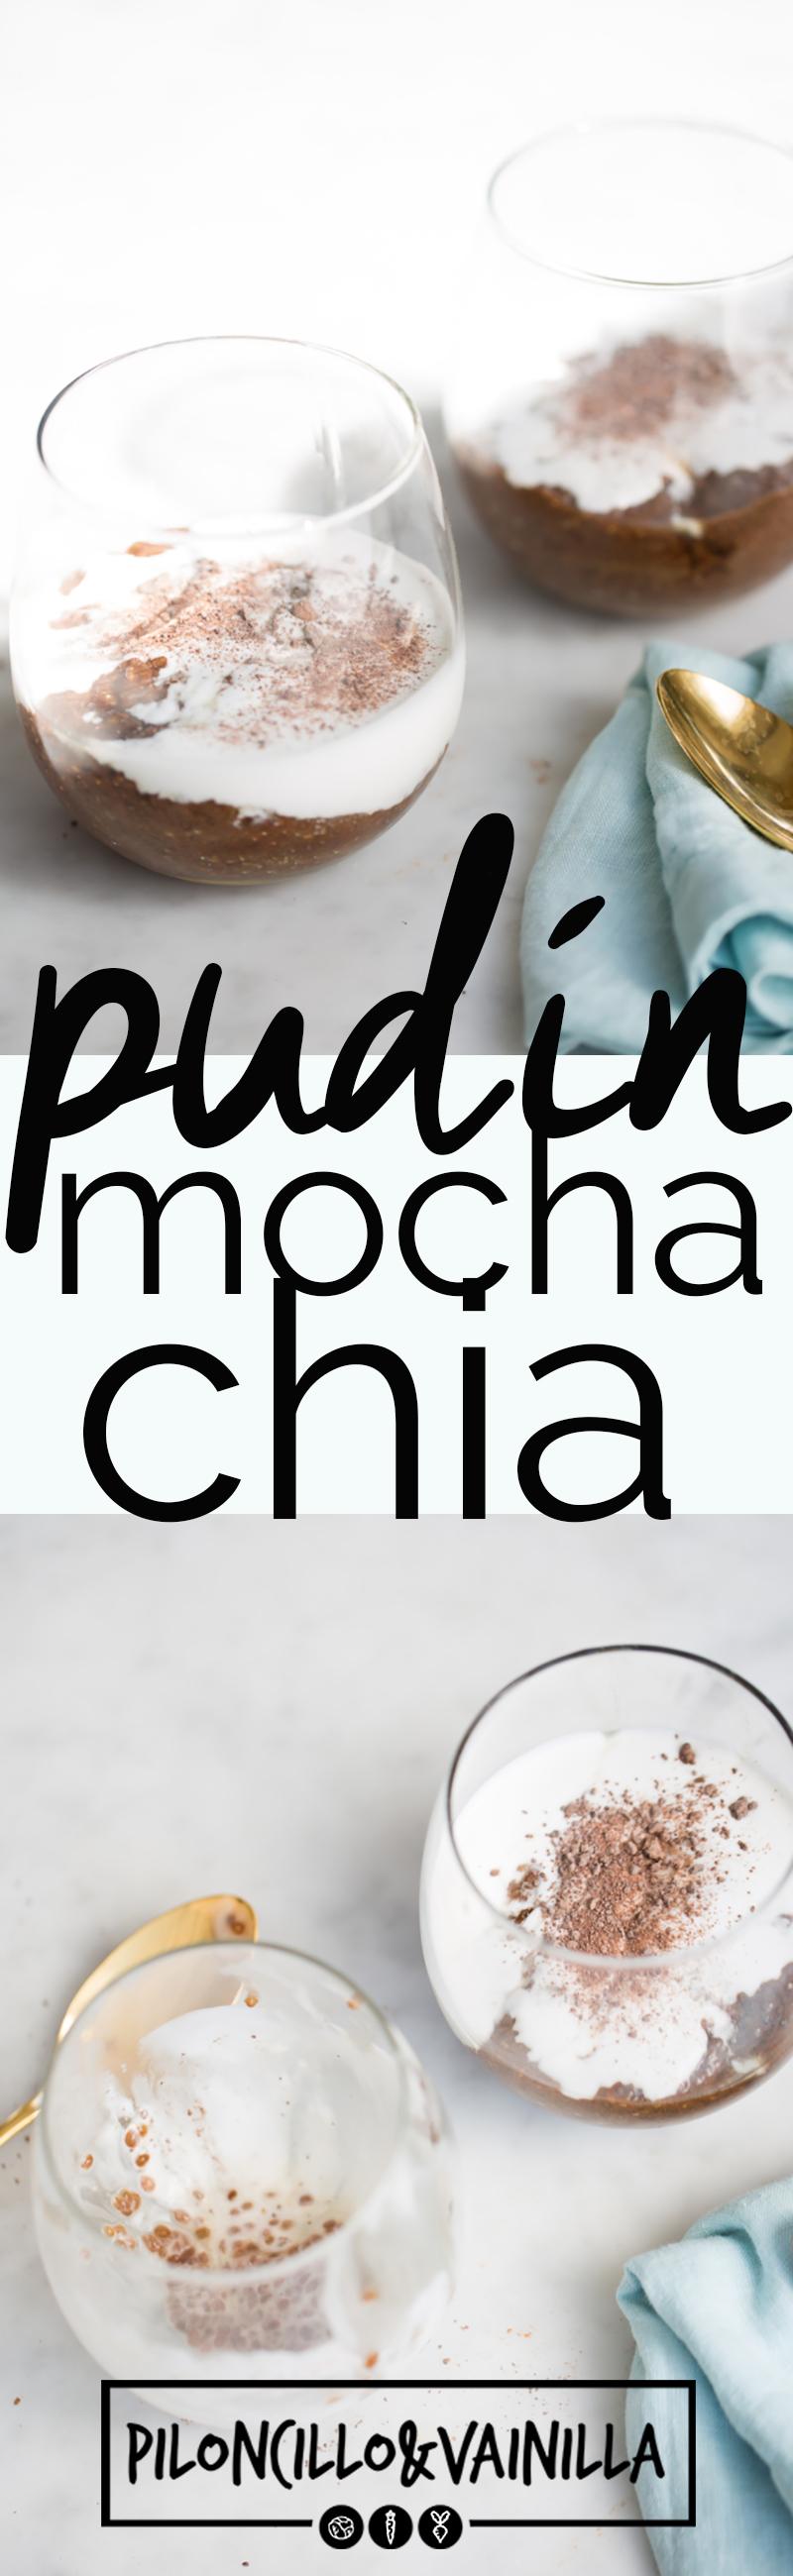 Esta receta pudín mocha-chia lleva sólo cinco ingredientes y es como tomarte un mocha frappuccino pero sano. Puede ser postre o desayuno, tu decides. #receta, #cafe, #chocolate, #recetavegana, #recetasaludable